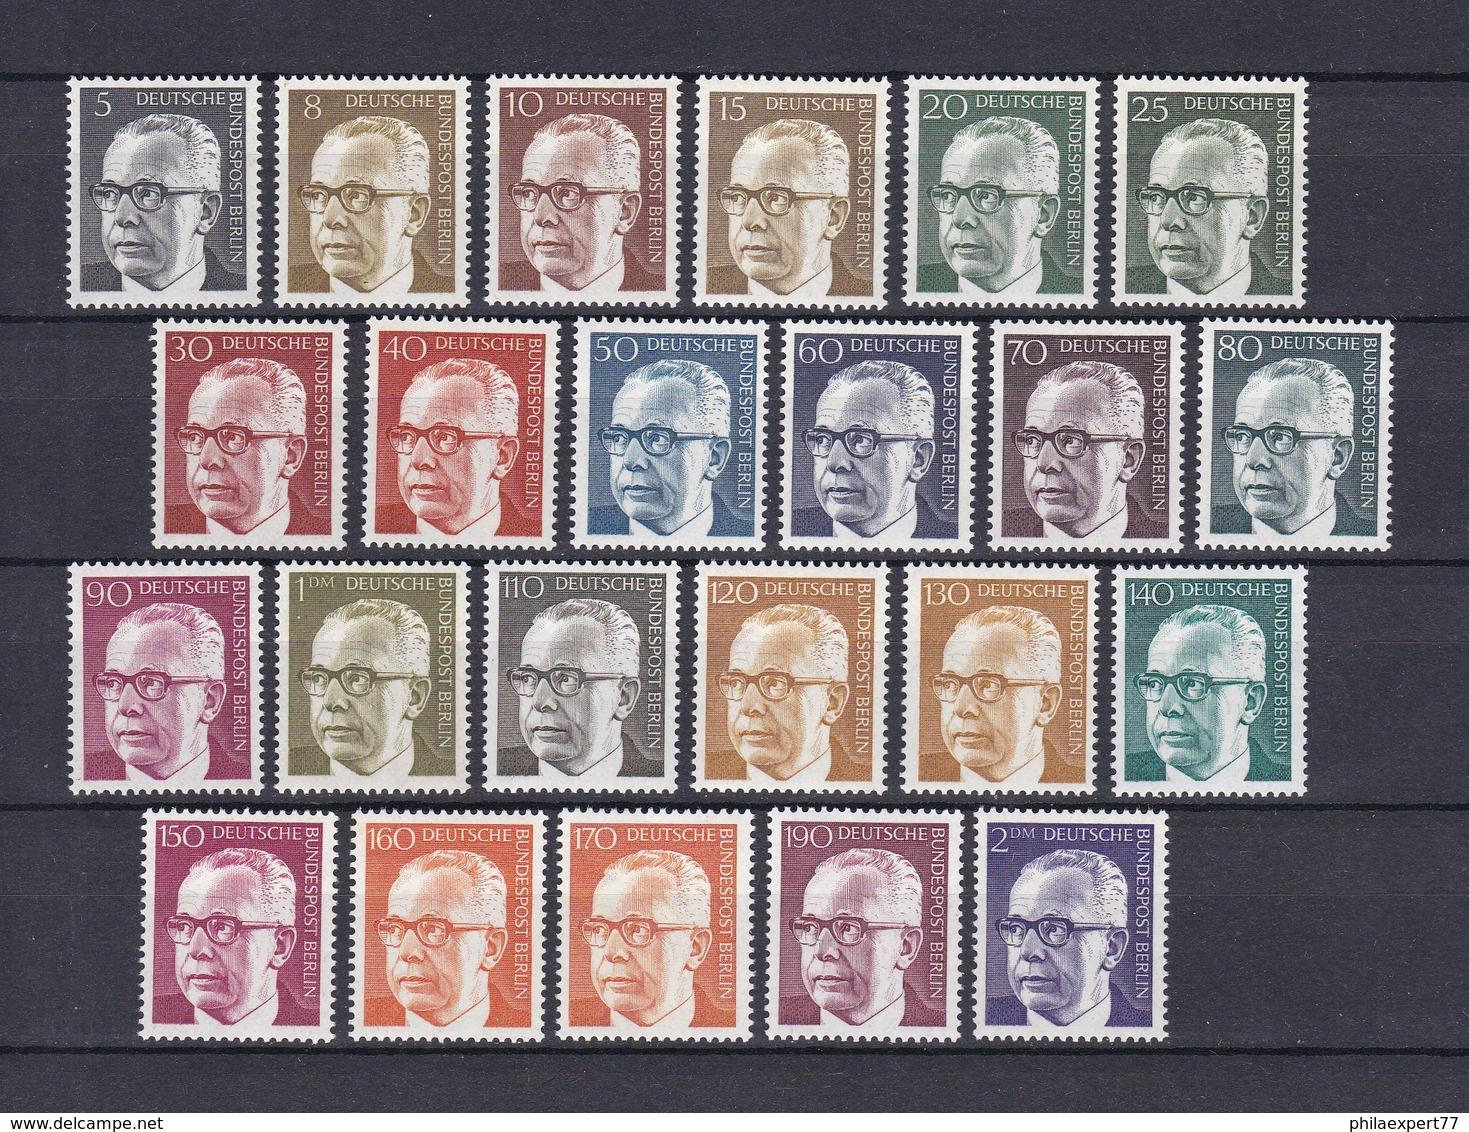 Berlin - 1970/73 - Freimarken: Bundespräsident Heinemann - Postfrisch - 30 Euro - Berlin (West)